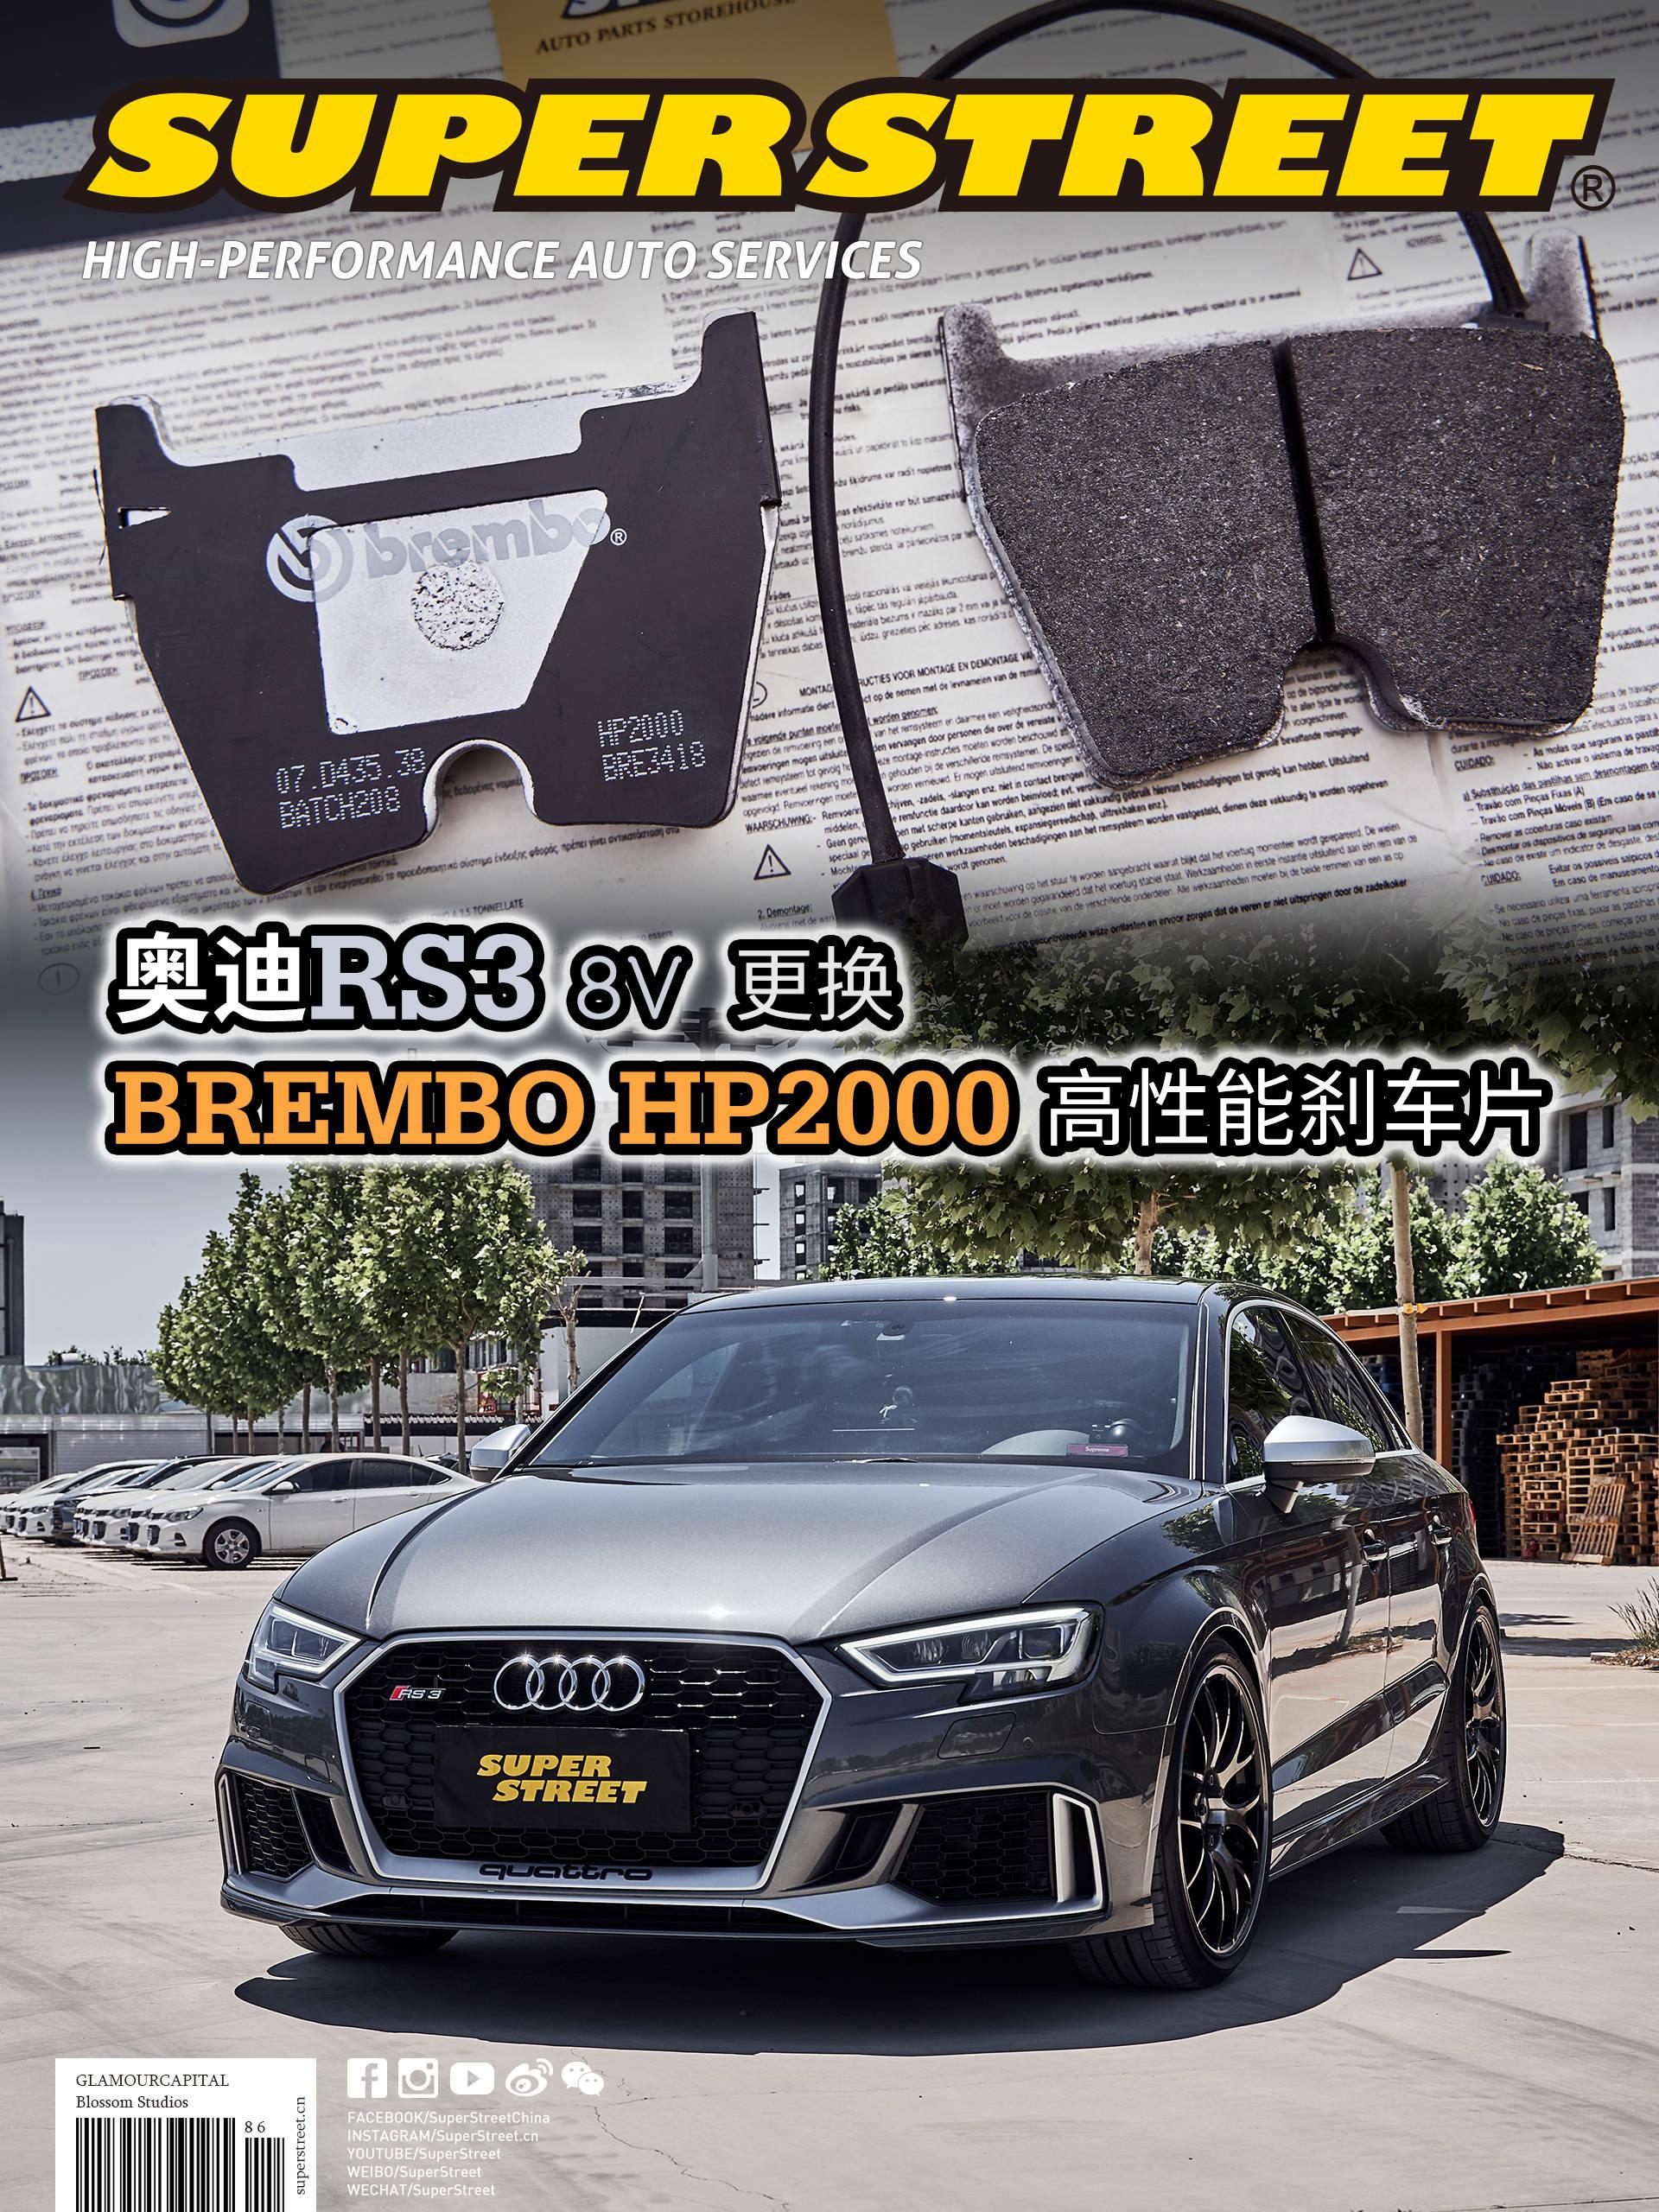 奥迪RS3取代了Brembo HP2000高性能刹车片